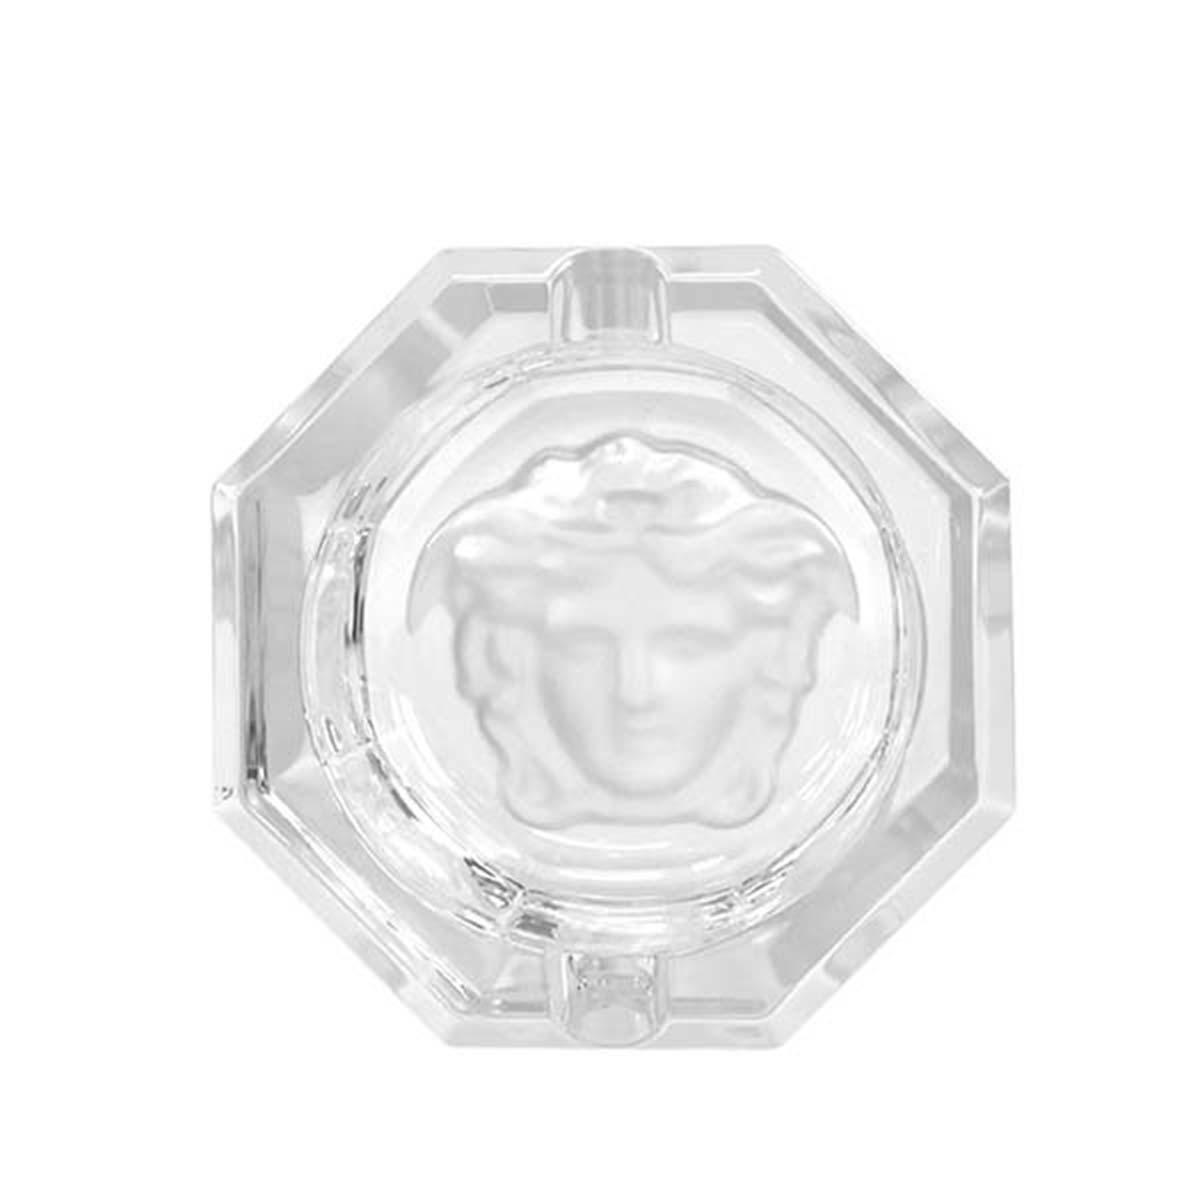 ヴェルサーチェ 灰皿 アッシュトレイ 20665-110835-47508 ASCHER クリア 7.5cm 父の日 誕生日